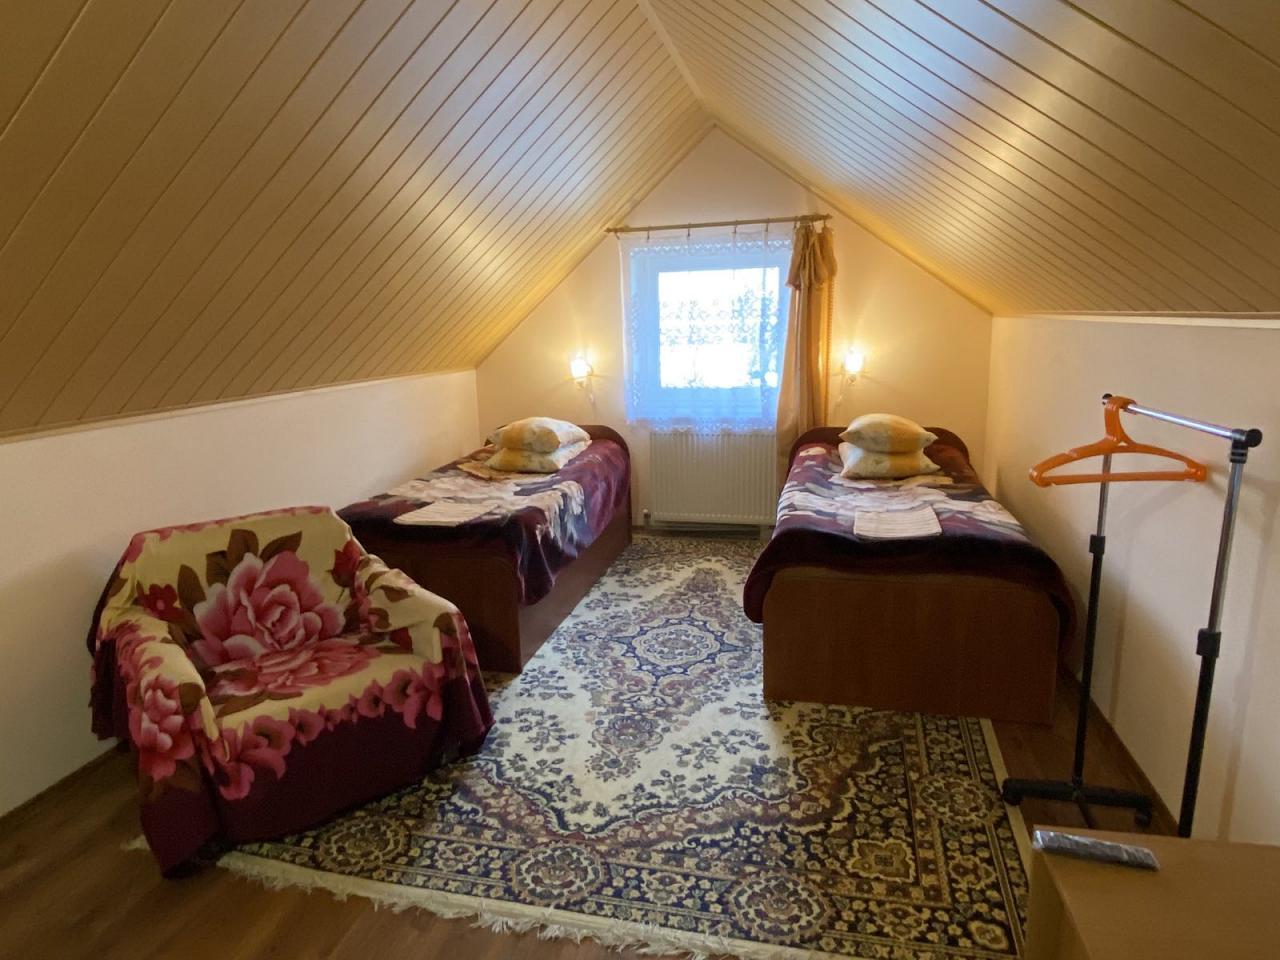 3-кімнатна квартира,вул.Січових Стрільців 14 (5)